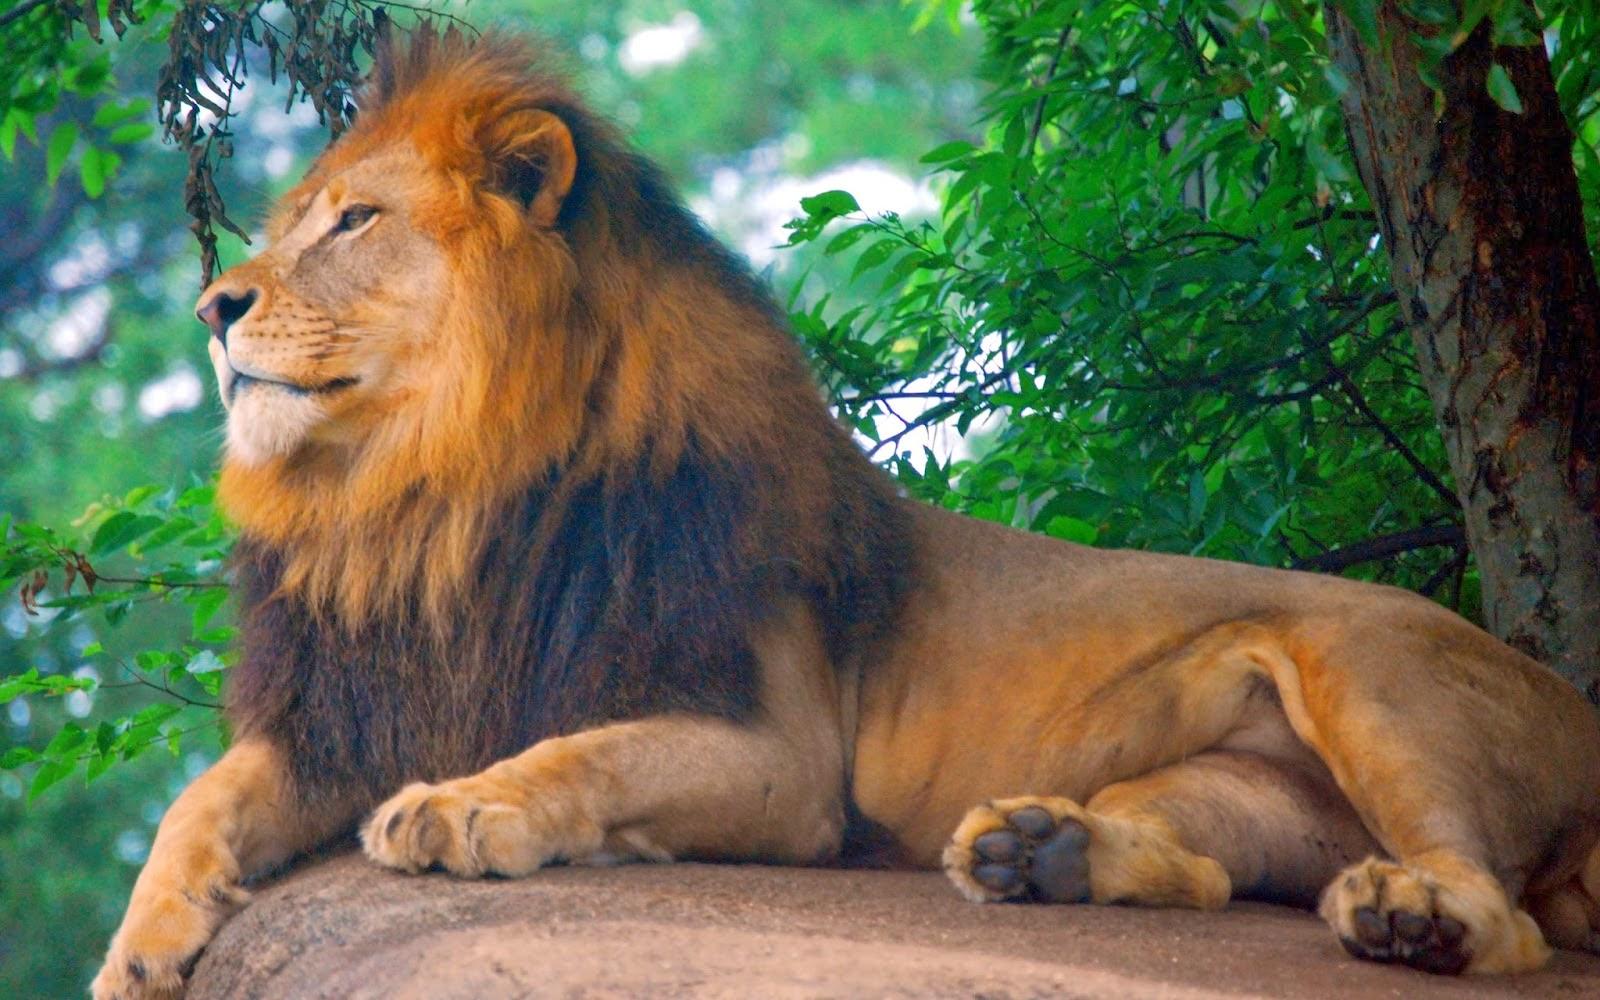 pin lion hd 3 - photo #19